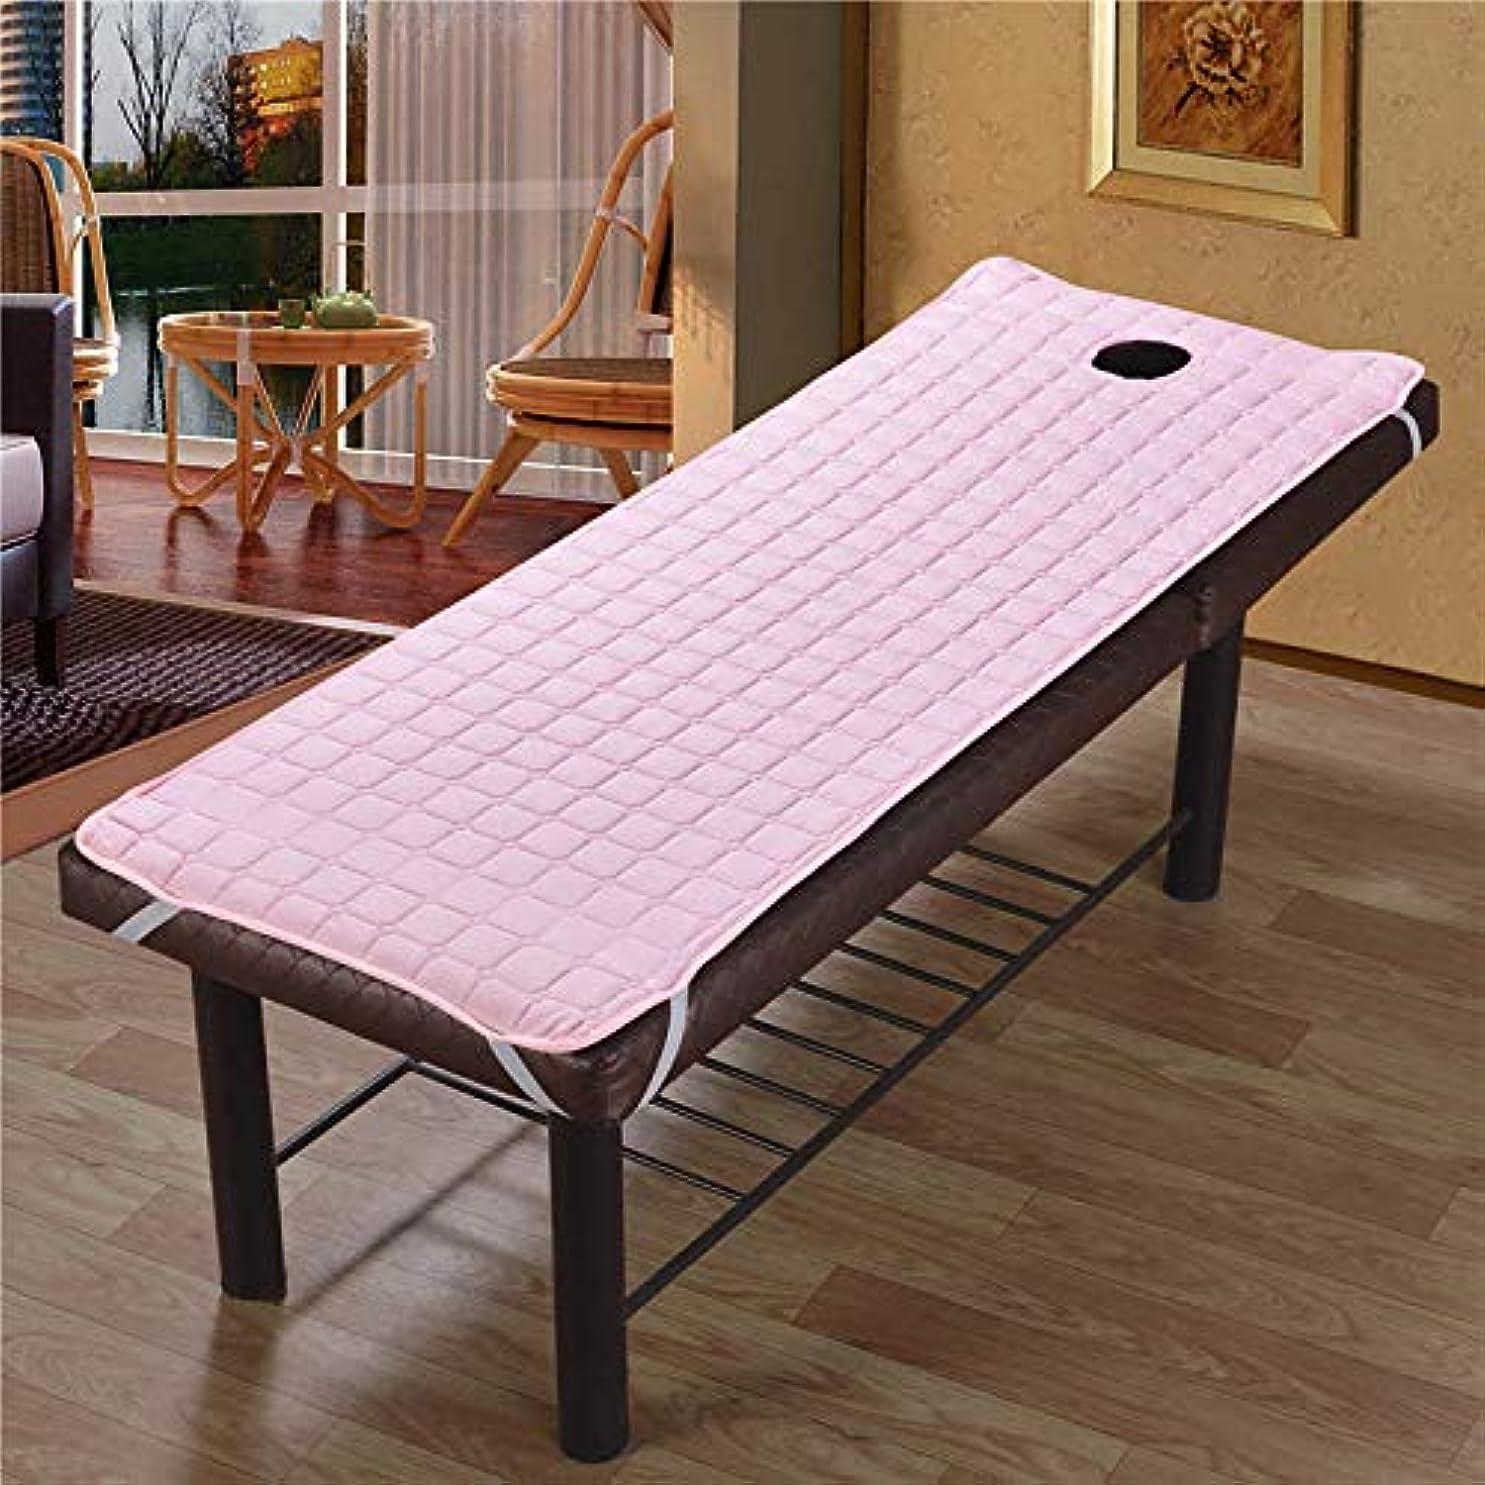 告発者登録学習Profeel 美容院のマッサージ療法のベッドのための滑り止めのSoliod色の長方形のマットレス